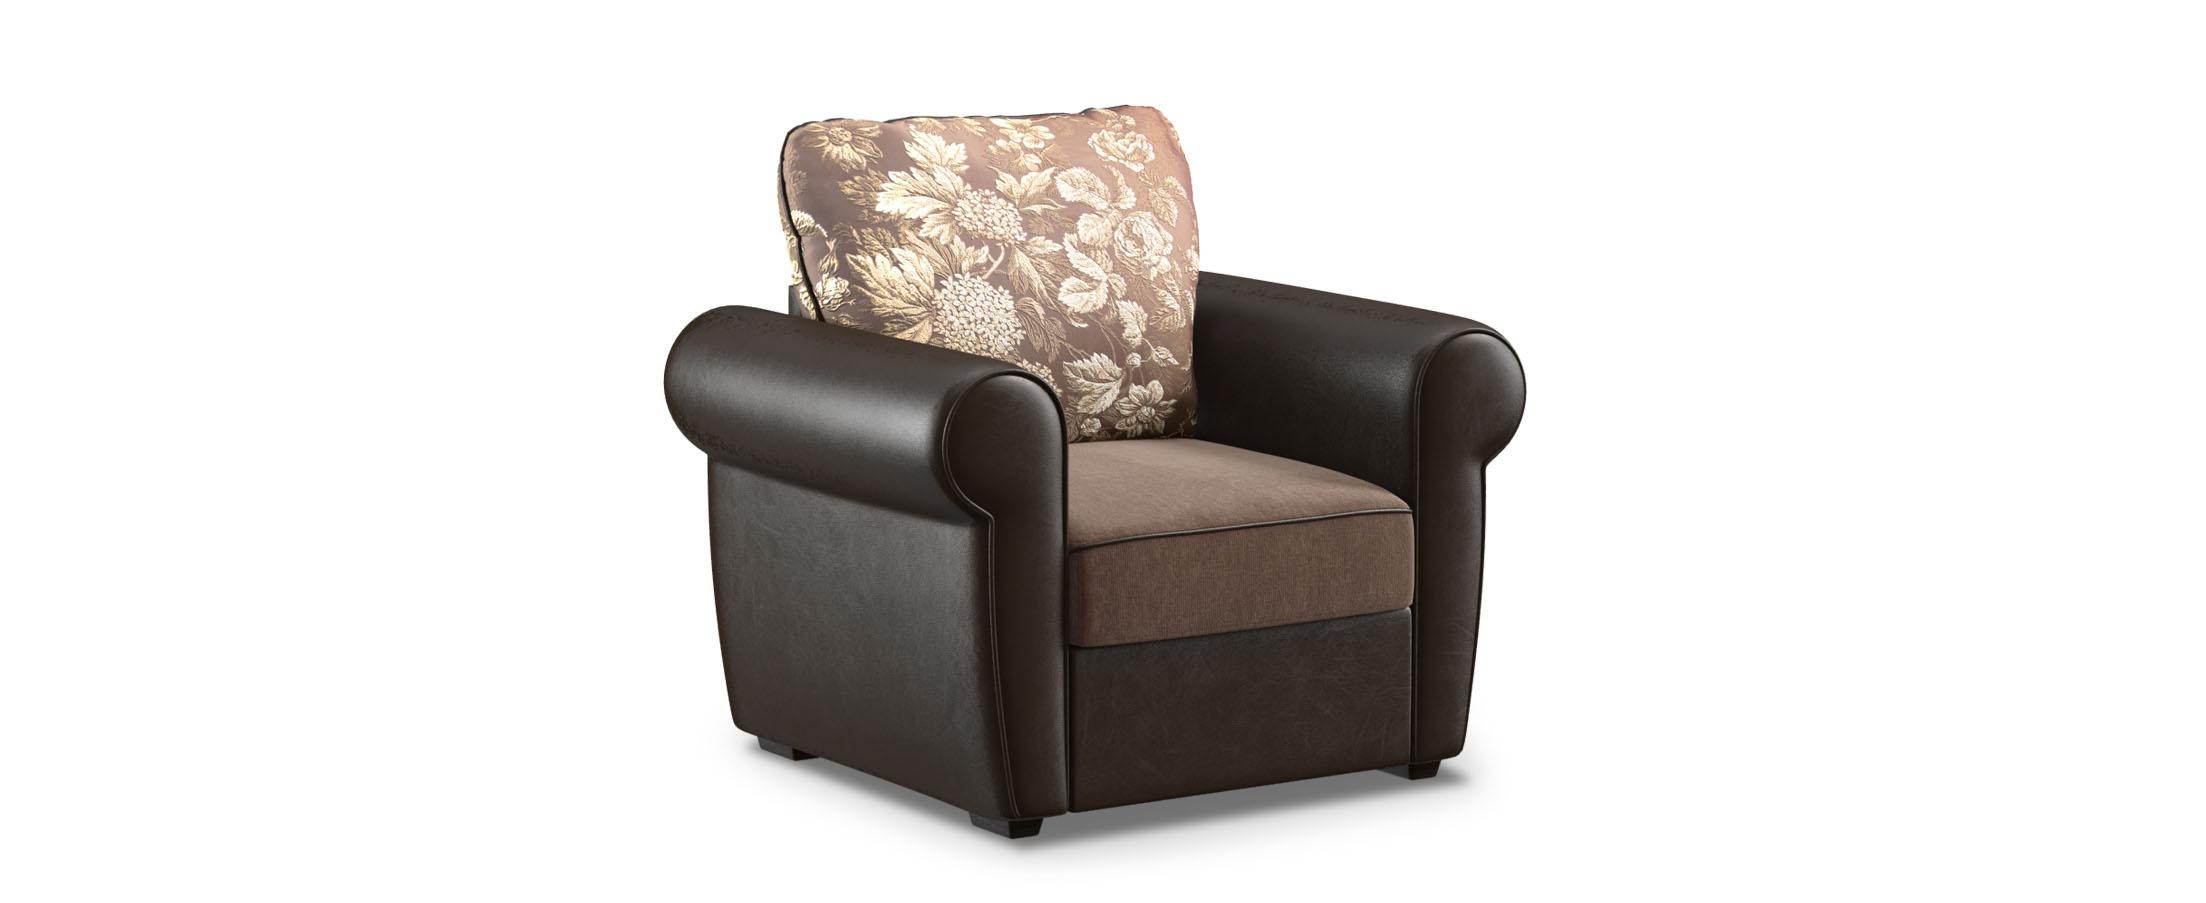 Кресло тканевое Рейн 123Купить коричневое кресло Рейн 123. Доставка от 1 дня. Подъём, сборка, вынос упаковки. Гарантия 18 месяцев. Интернет-магазин мебели MOON-TRADE.RU.<br>